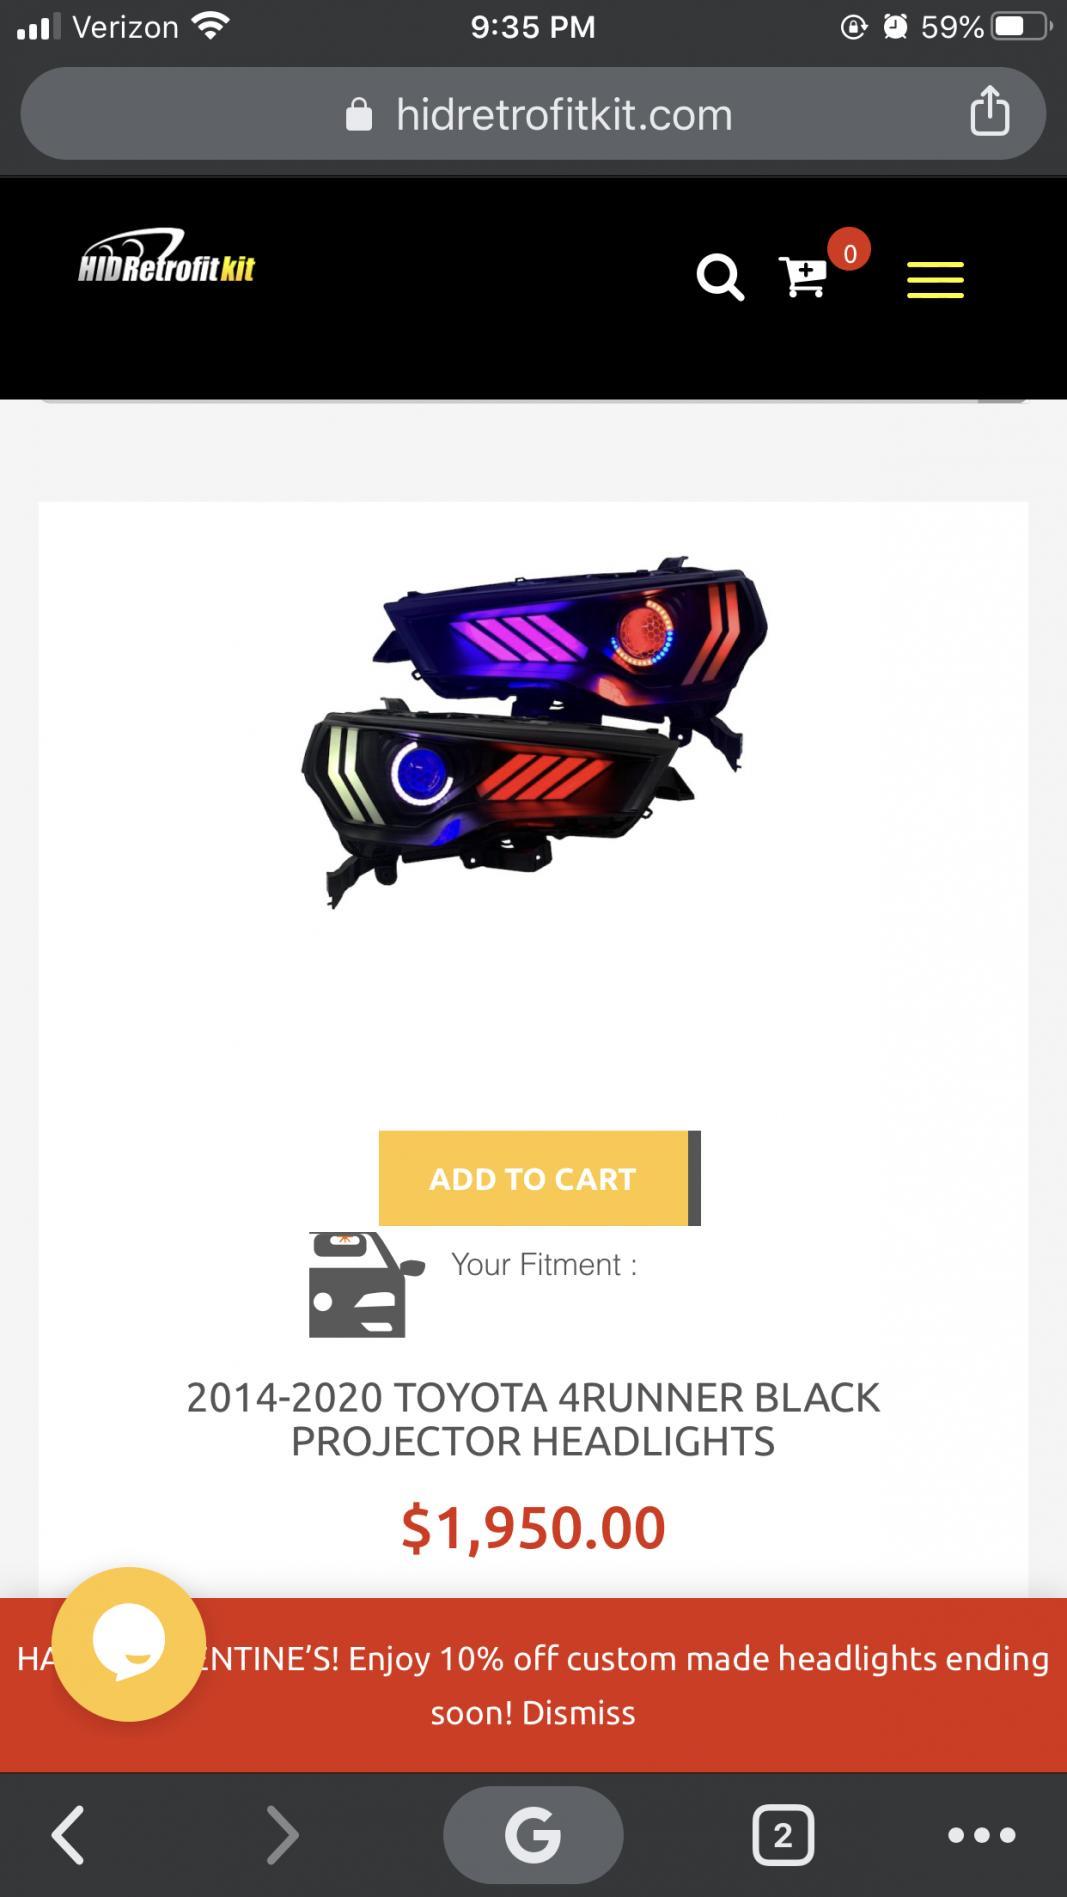 5th Gen Toyota 4Runner Led Headlights Mod-dd1a44d0-248a-434b-b2c8-6a4cf6958145-jpg